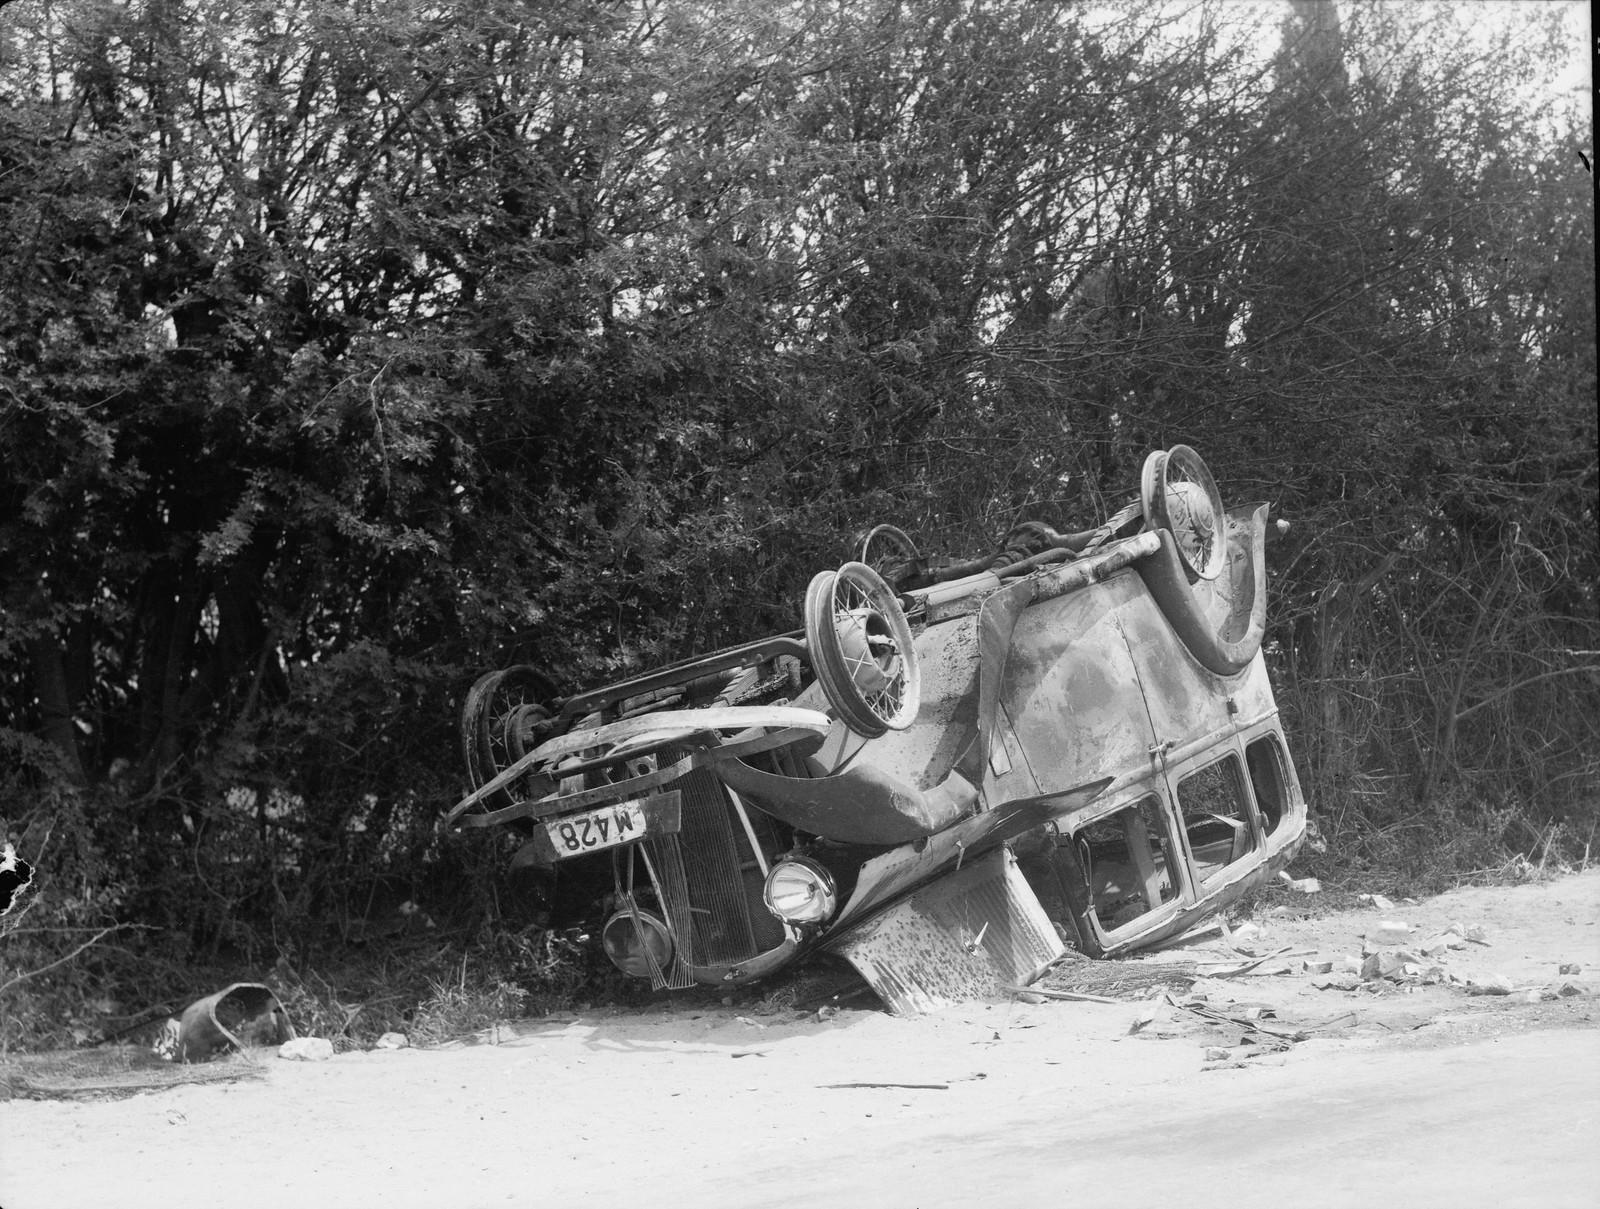 01. Яффо. Еврейская машина сожжена, водитель убит, 19 апреля